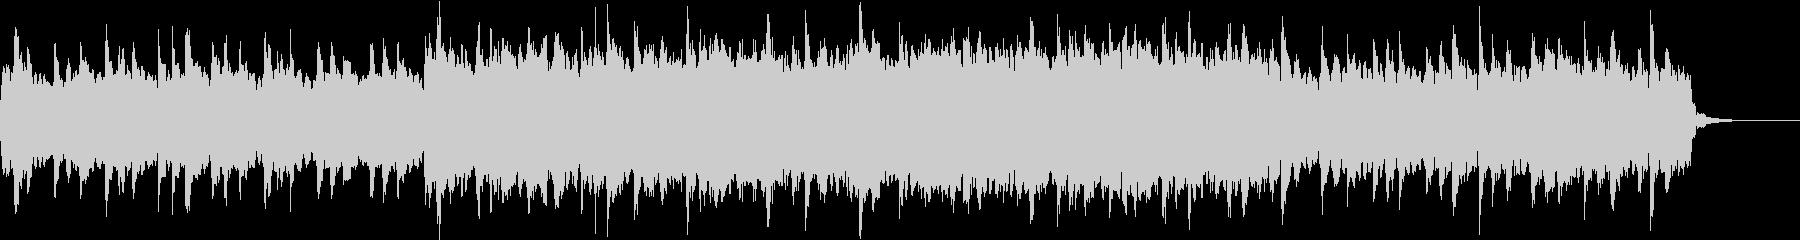 マヌケな電波ソングの未再生の波形